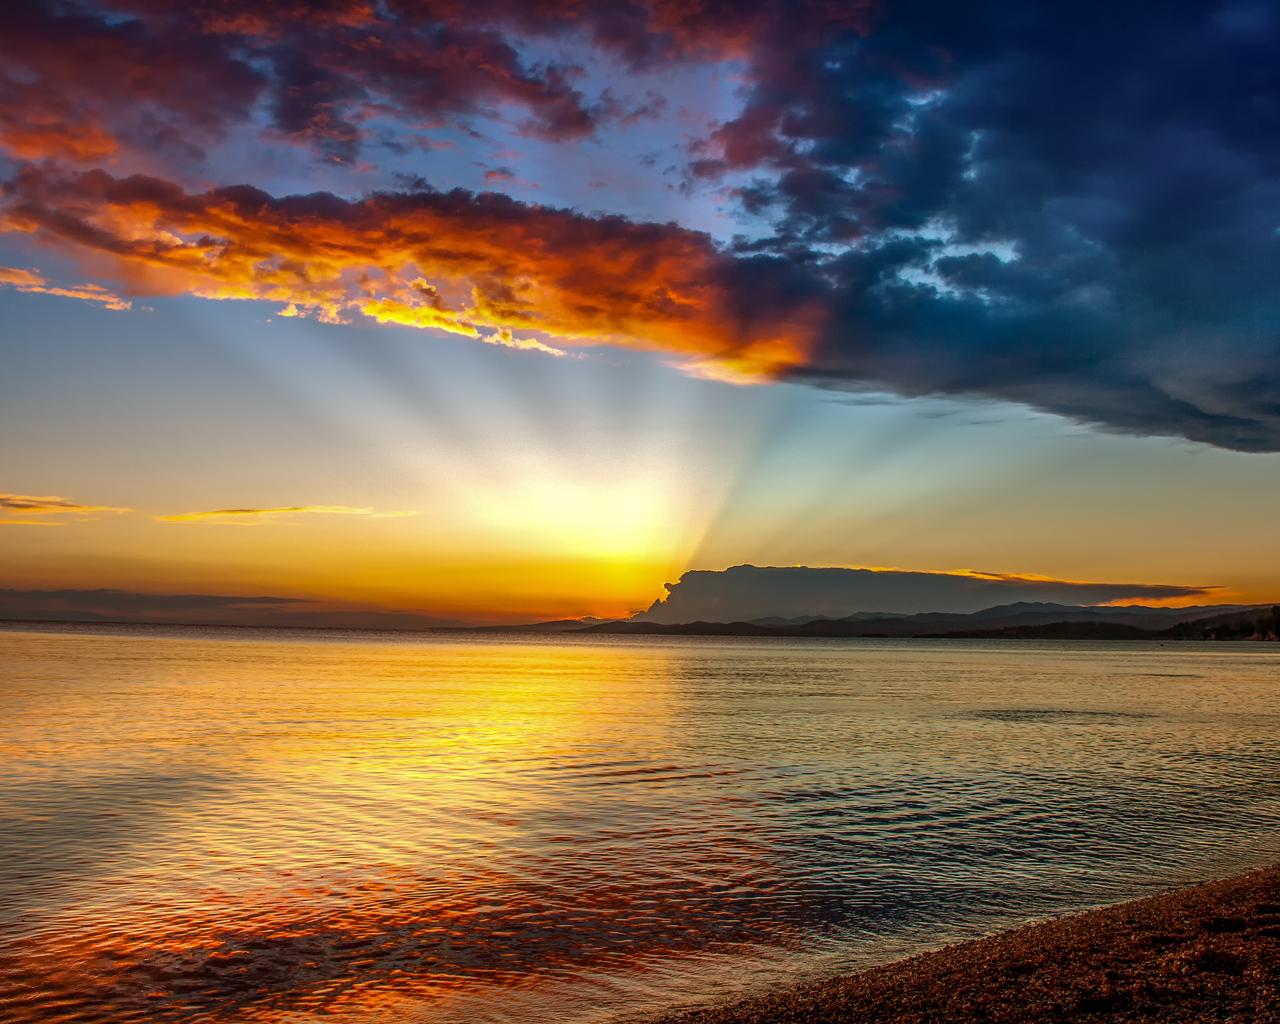 1280x1024 Blue Hour Sunset Beach 4k 1280x1024 Resolution ...